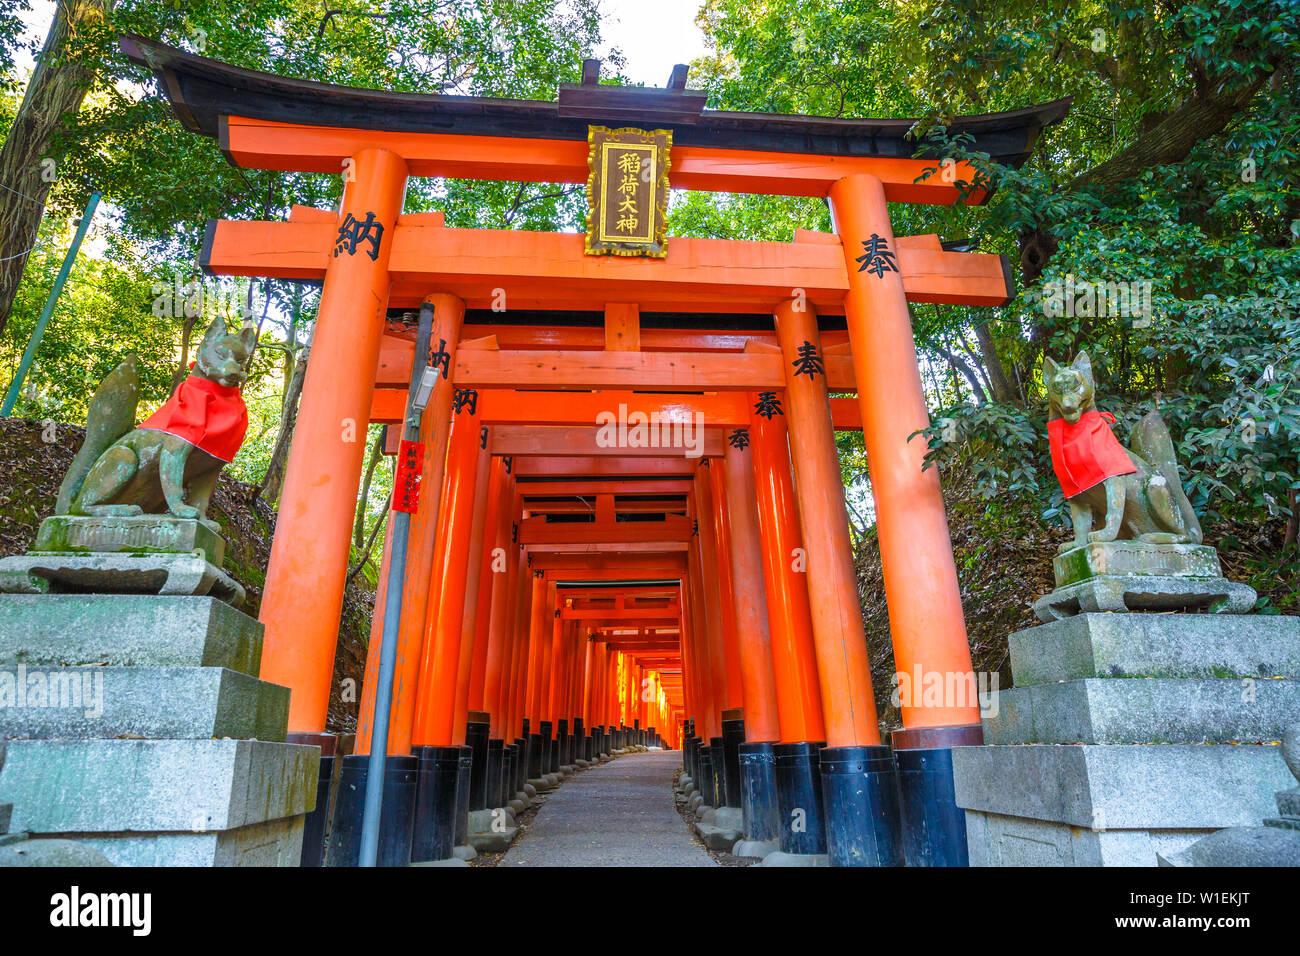 Mille torii vermillon portes du Sanctuaire Shinto de Fushimi Inari Taisha, au sud de Kyoto, Japon, Asie Banque D'Images